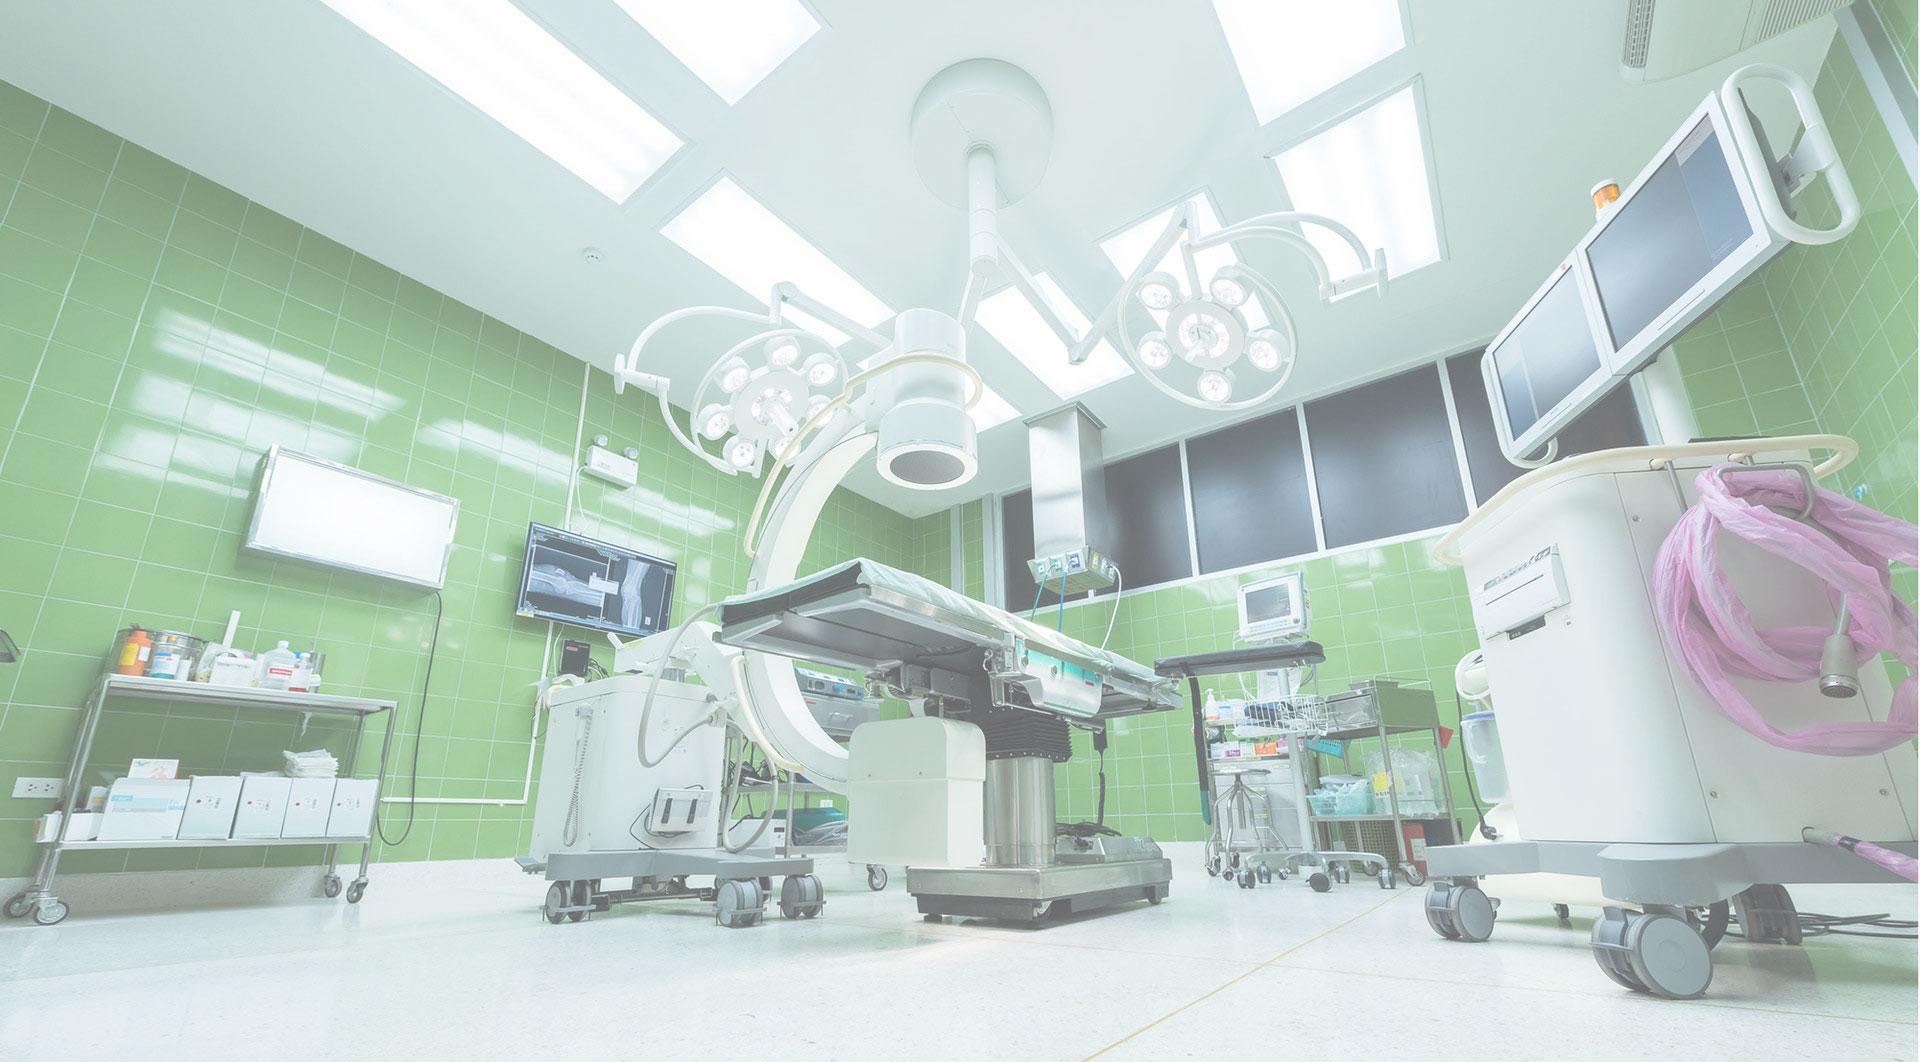 Hai subito un danno da intervento chirurgico?